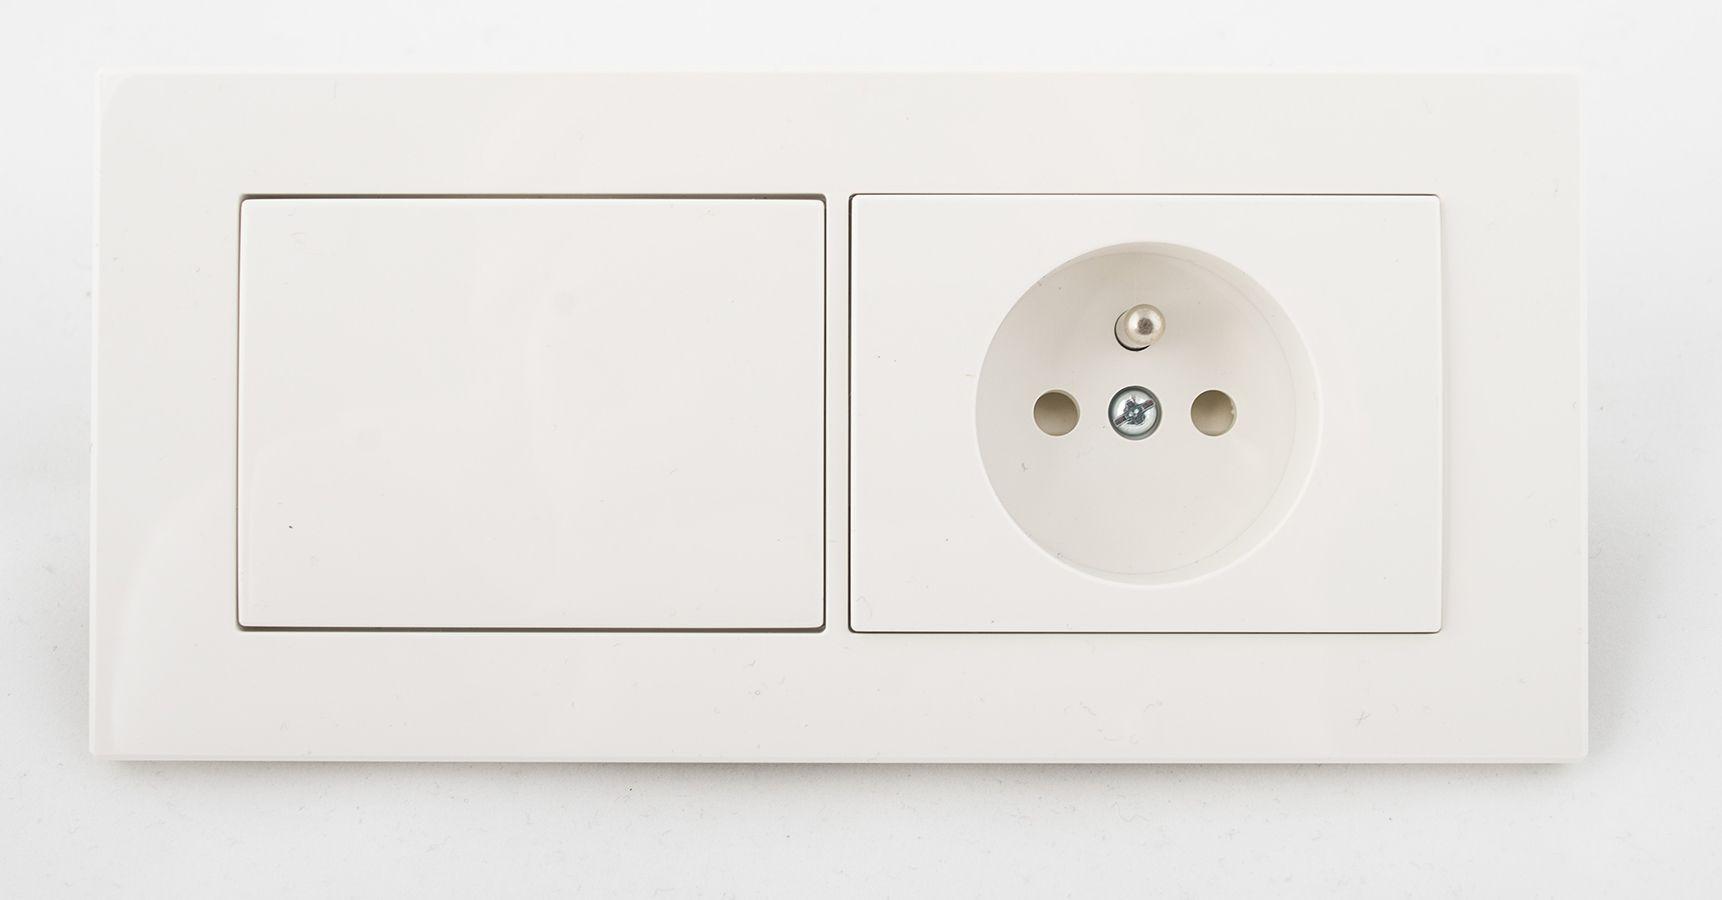 Znalezione Obrazy Dla Zapytania Vilma Osprzet Elektryczny Laundry Machine Washing Machine Home Appliances